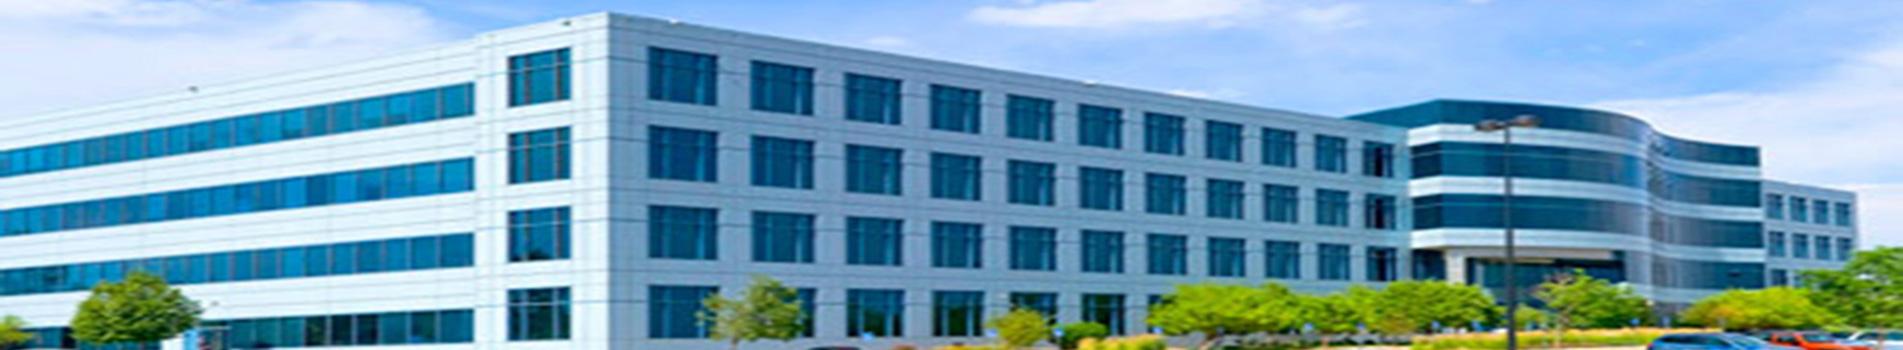 building2-slide